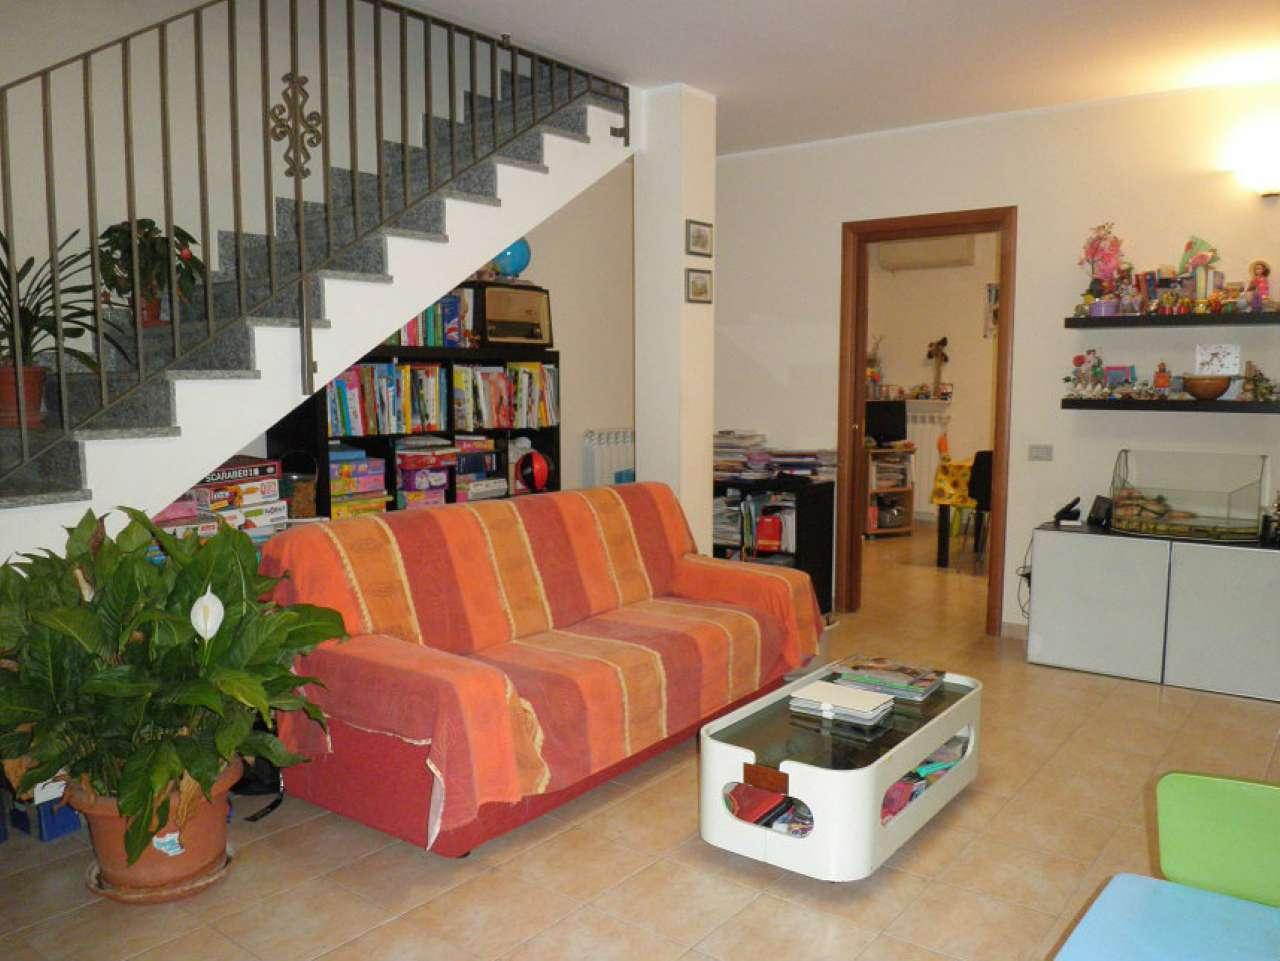 Villa Bifamiliare in vendita a Soresina, 4 locali, prezzo € 165.000 | CambioCasa.it